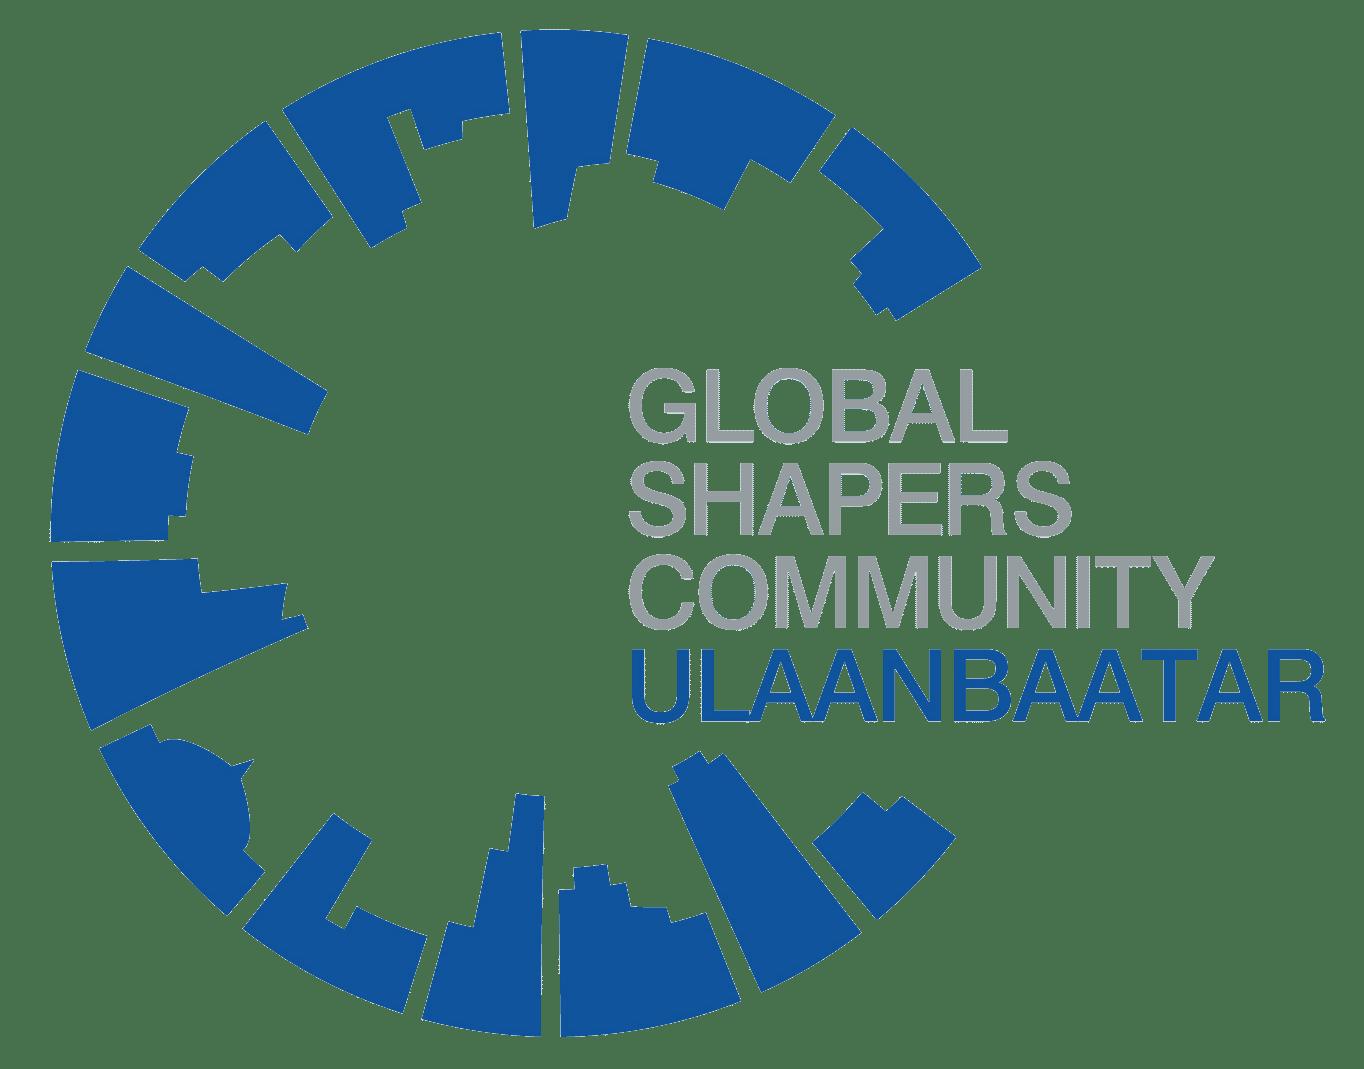 Global Shapers Ulaanbaatar Hub